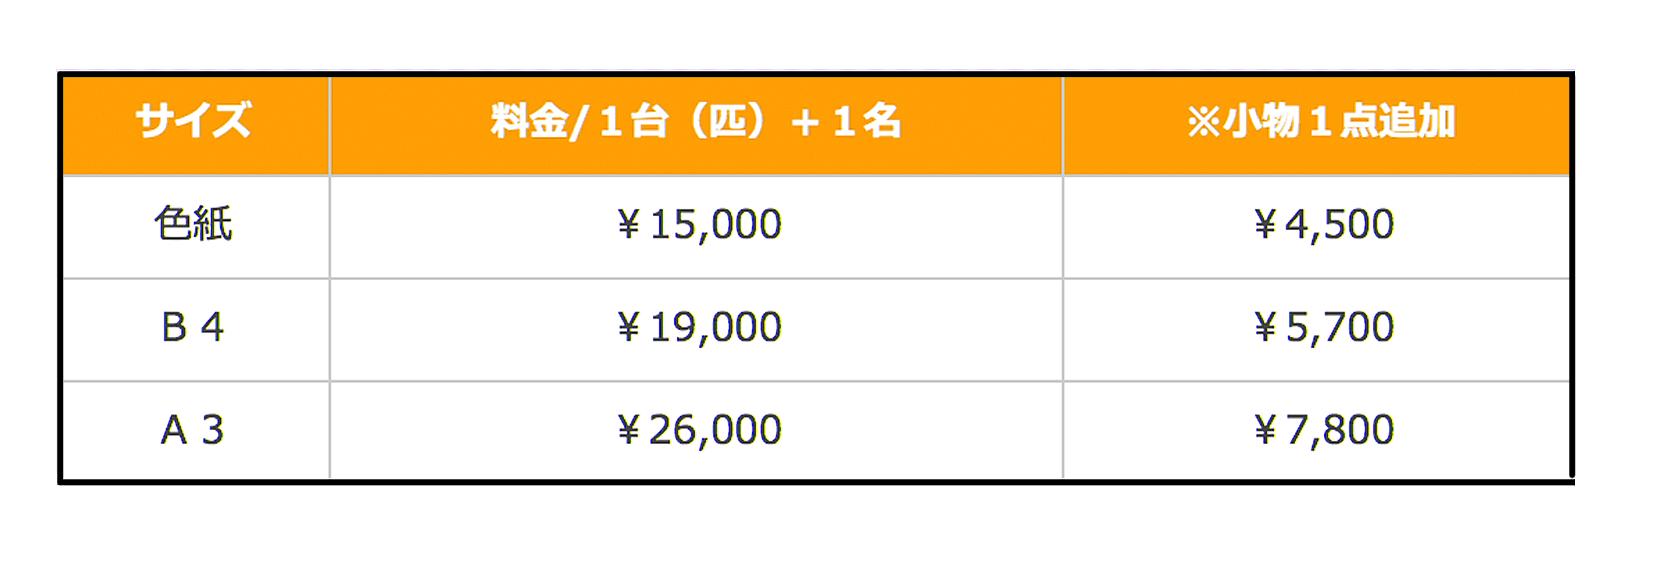 イラスト制作 料金表